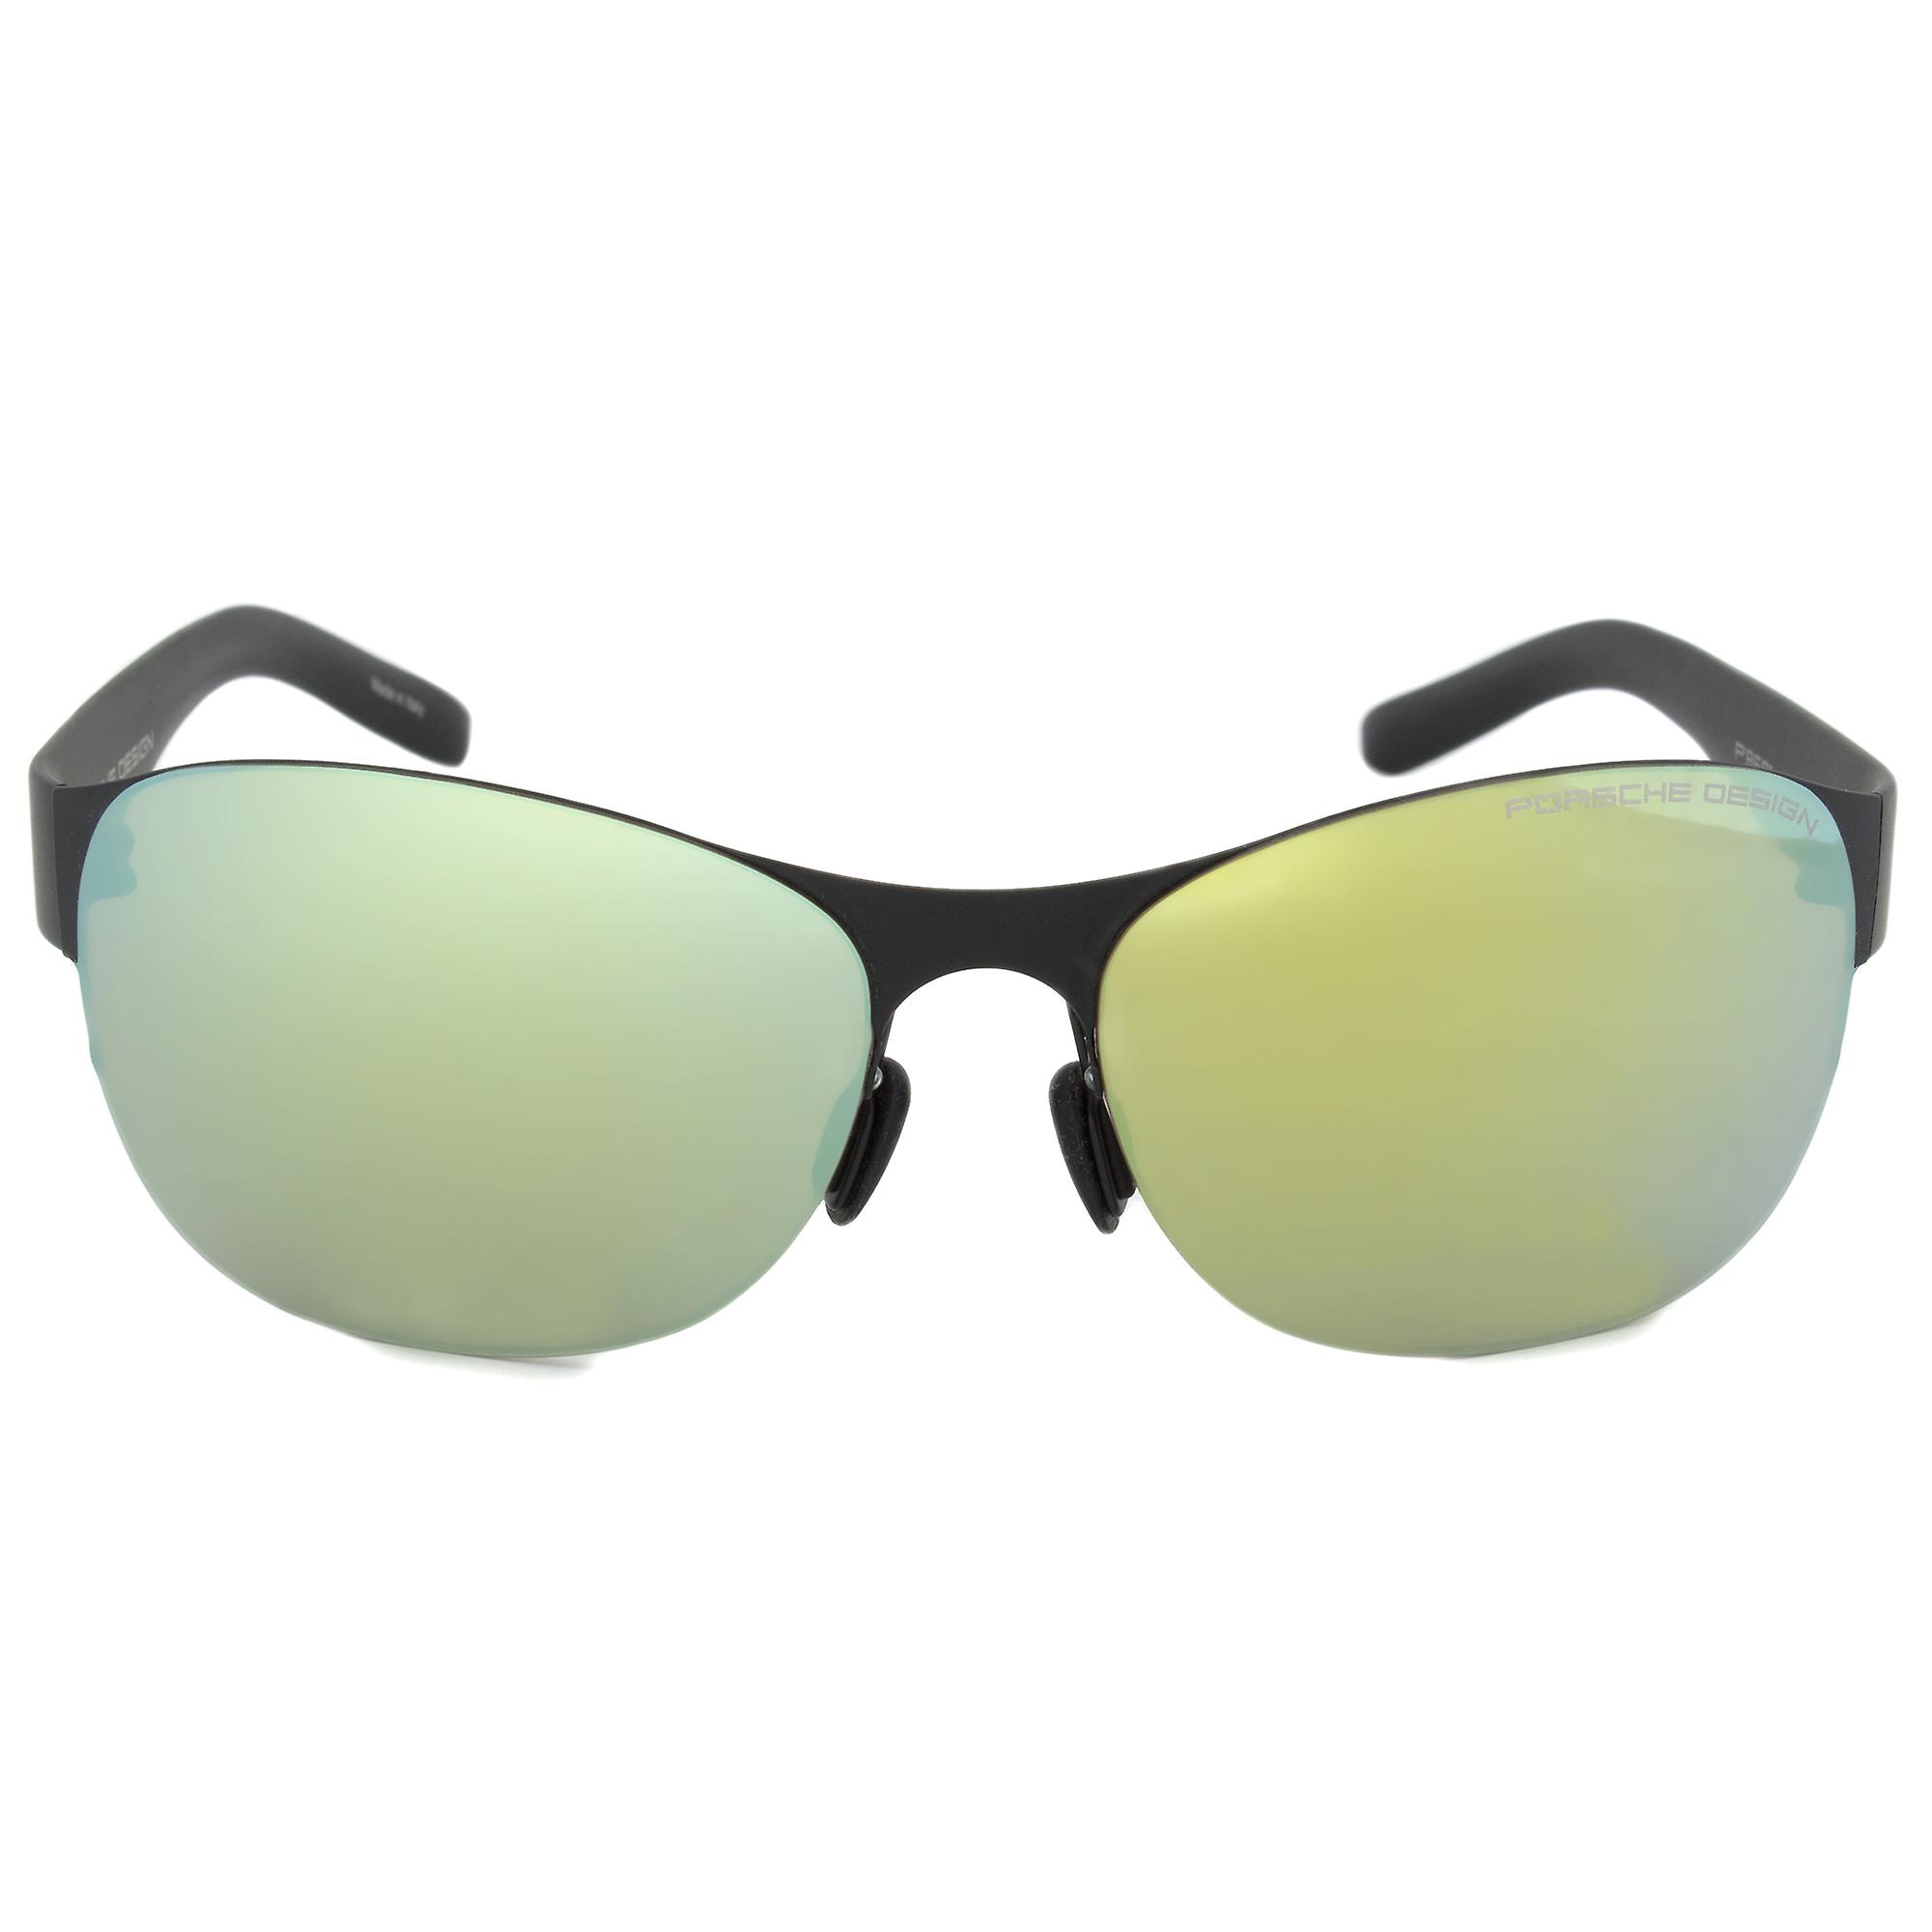 Porsche Design Design P8581 A Oval Sunglasses | Black Frame | Green Lens